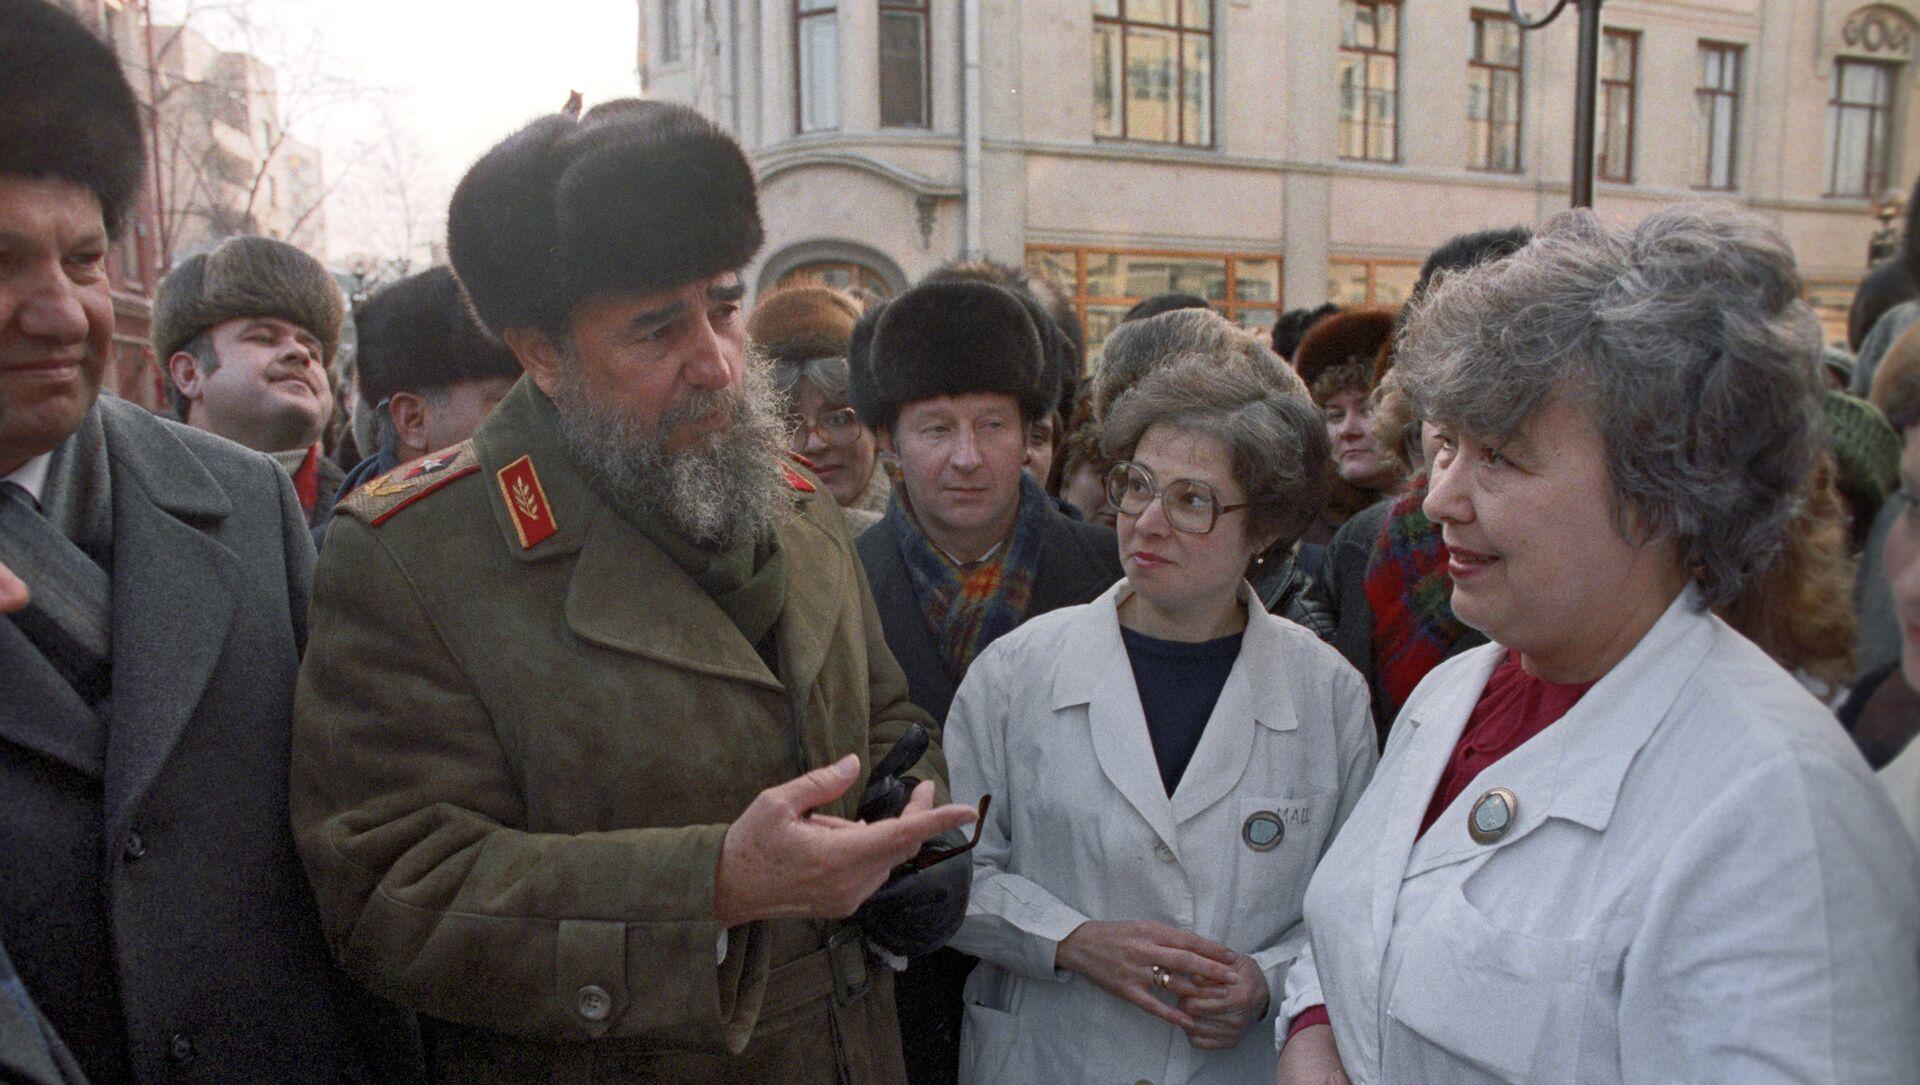 Fidel Castro habla con los ciudadanos soviéticos durante su visita a Moscú en 1986 - Sputnik Mundo, 1920, 30.11.2016